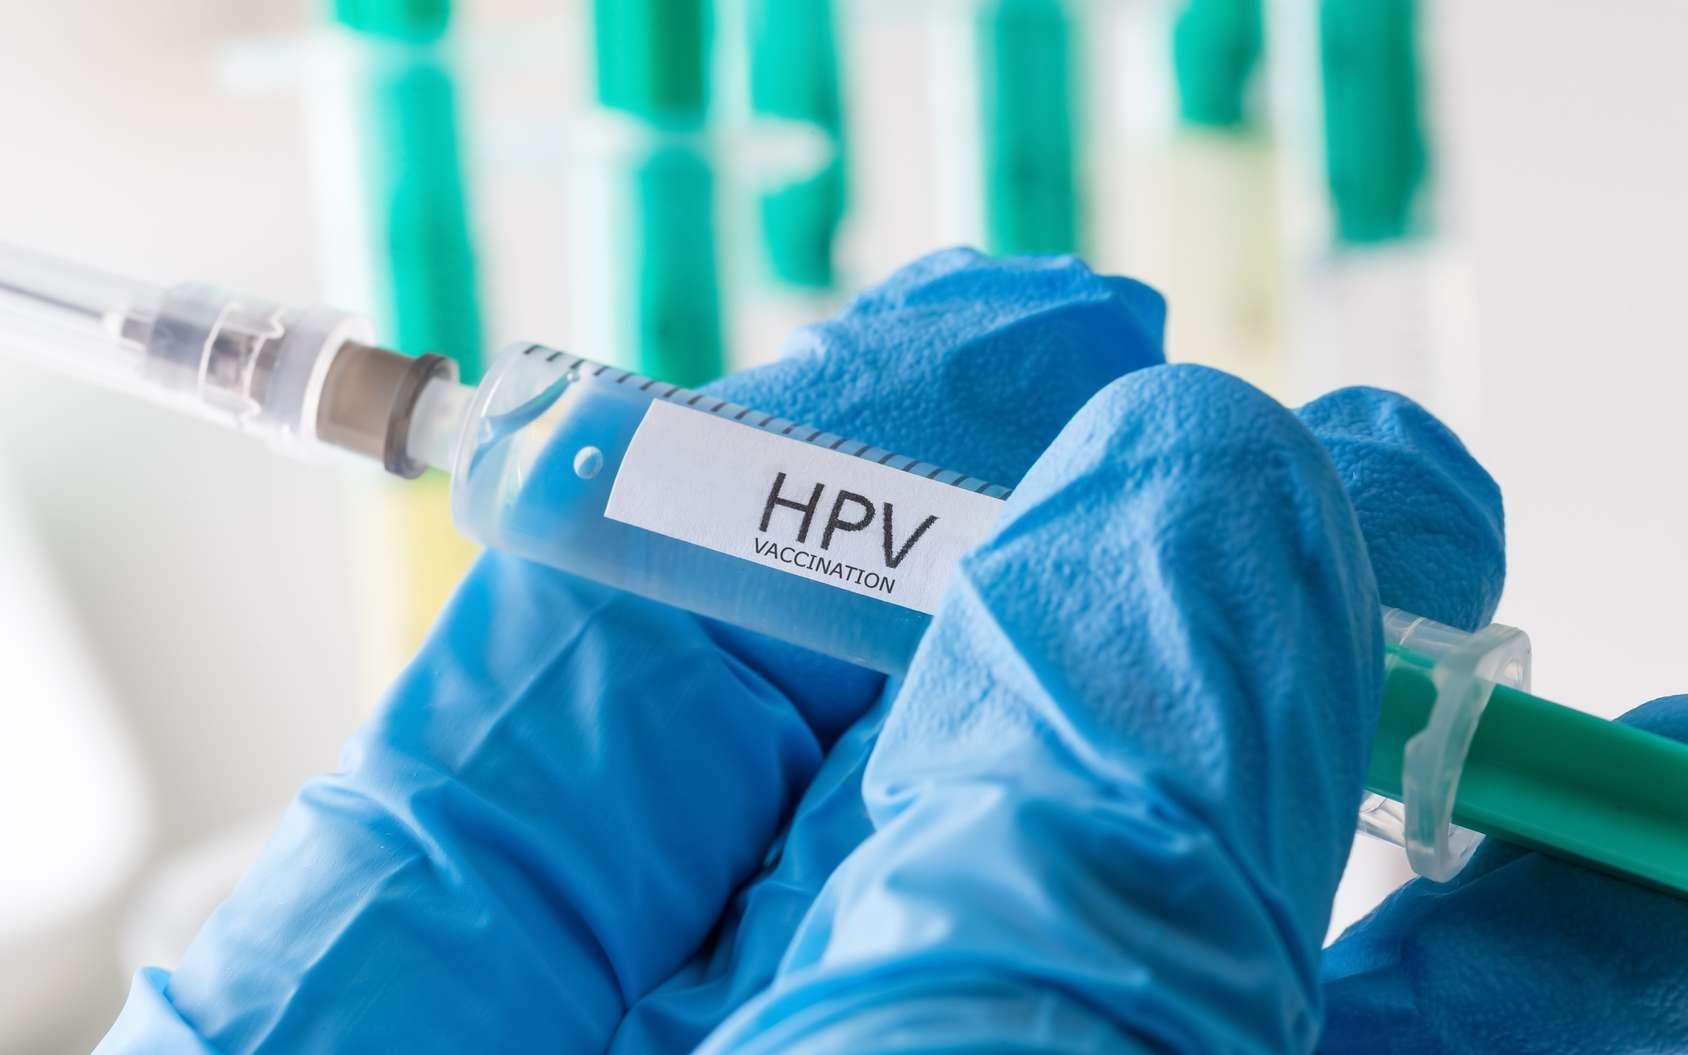 Un vaccin anti-HPV est proposé aux adolescentes, afin de limiter les infections par les papillomavirus associés au cancer du col de l'utérus. © Tobias Arhelger, Fotolia